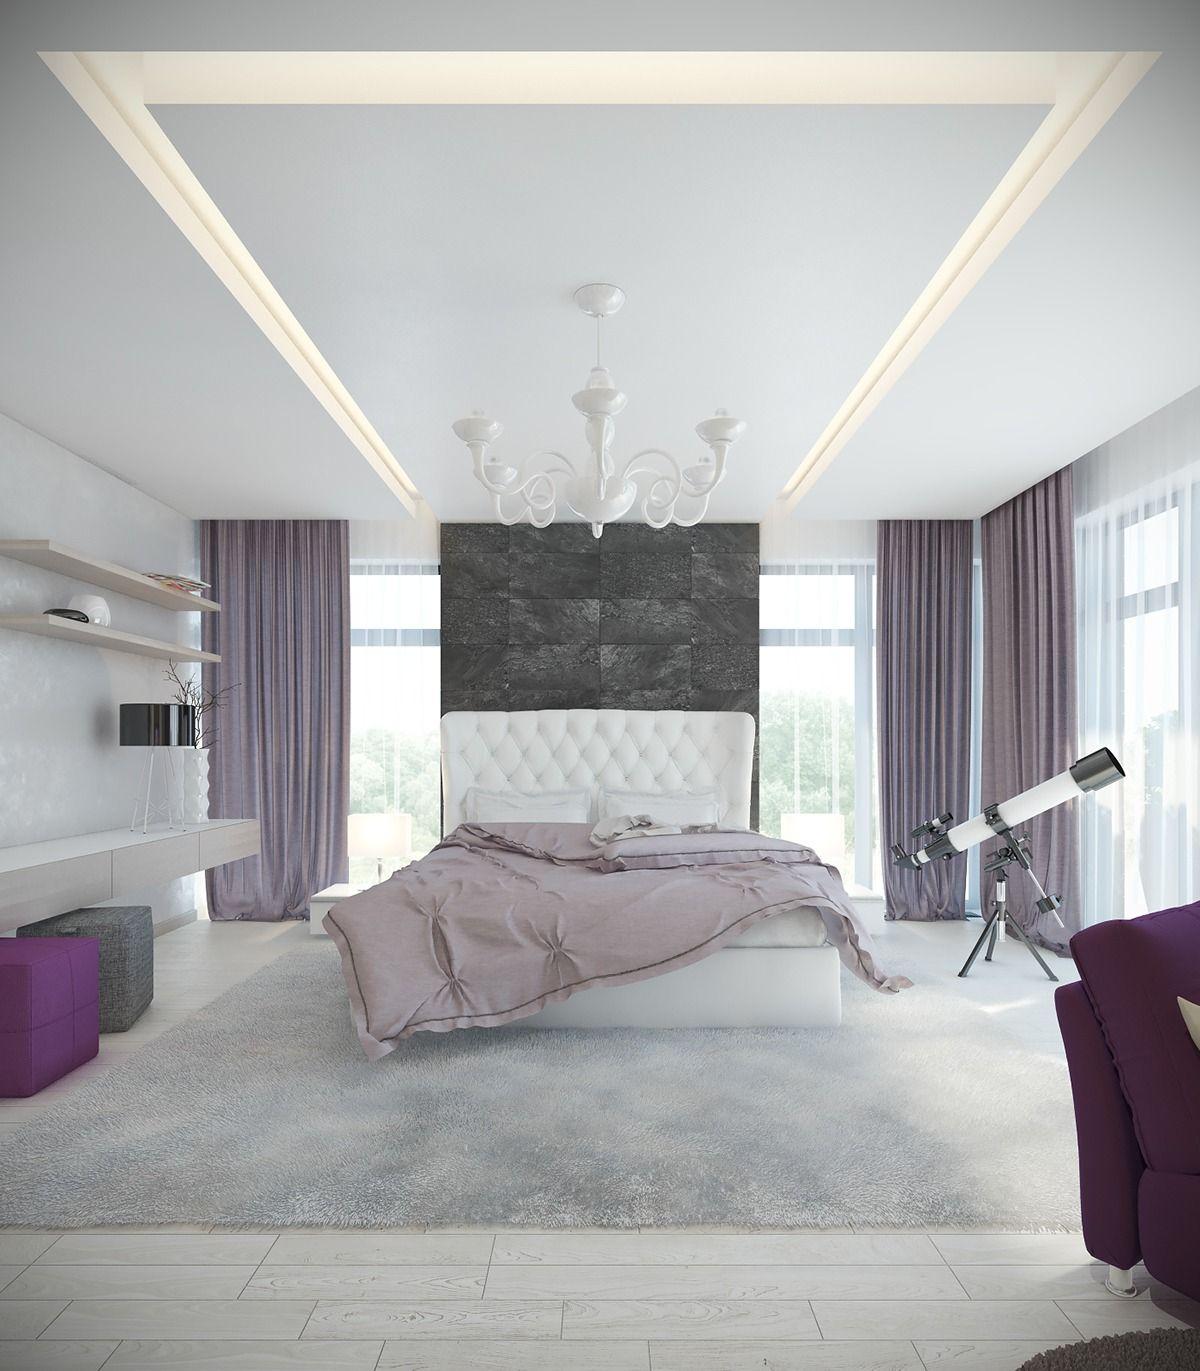 10 Moderne Schlafzimmer Design Ideen Mit Luxus Dekorationsideen